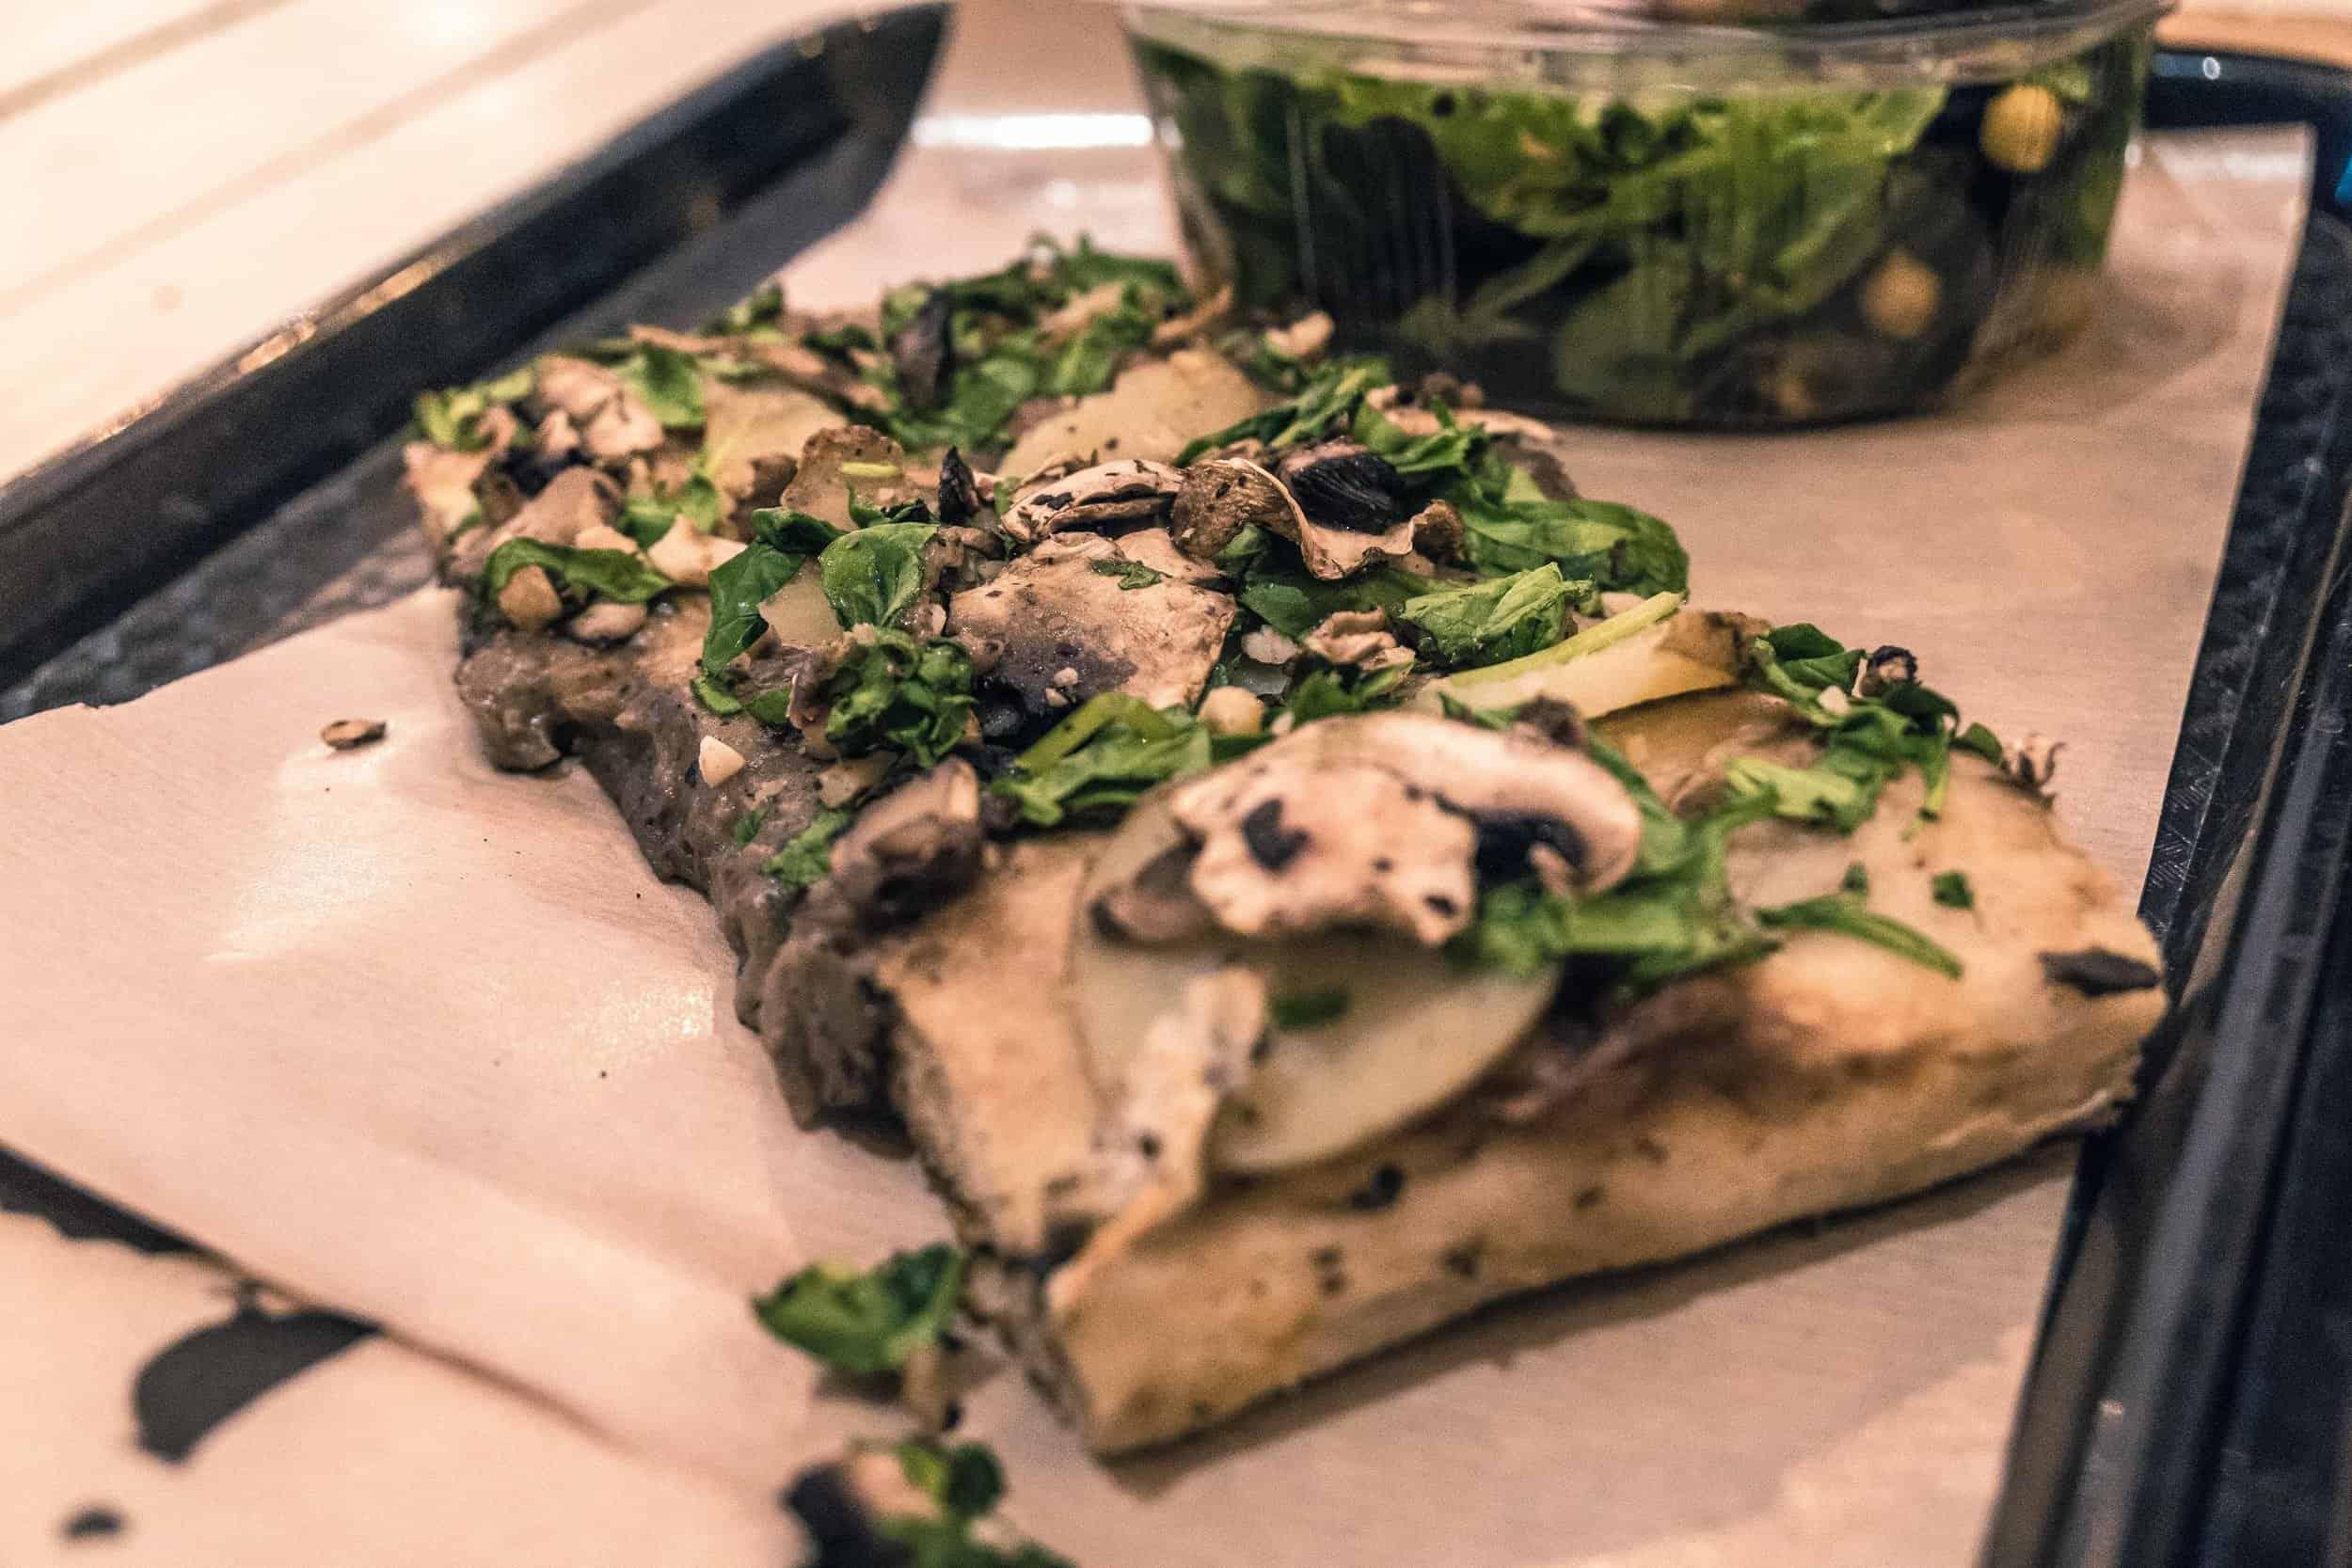 Hank Pizza: A review of Hank Vegan Pizza in Le Marais, Paris, France